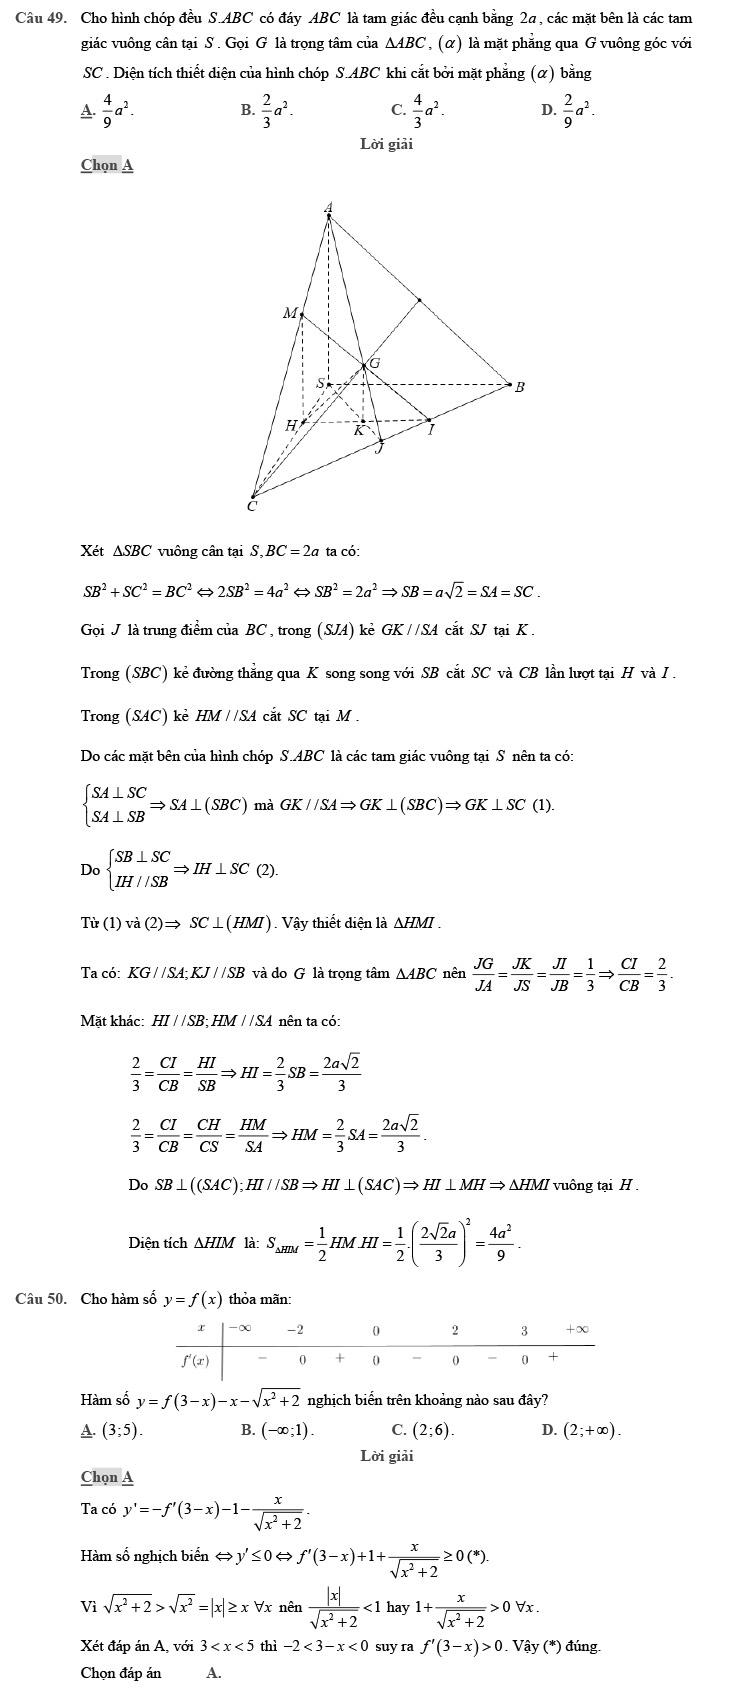 giải chi tiết đề thi thử môn THPT Quốc gia môn Toán 2020 theo đề minh họa trang 19